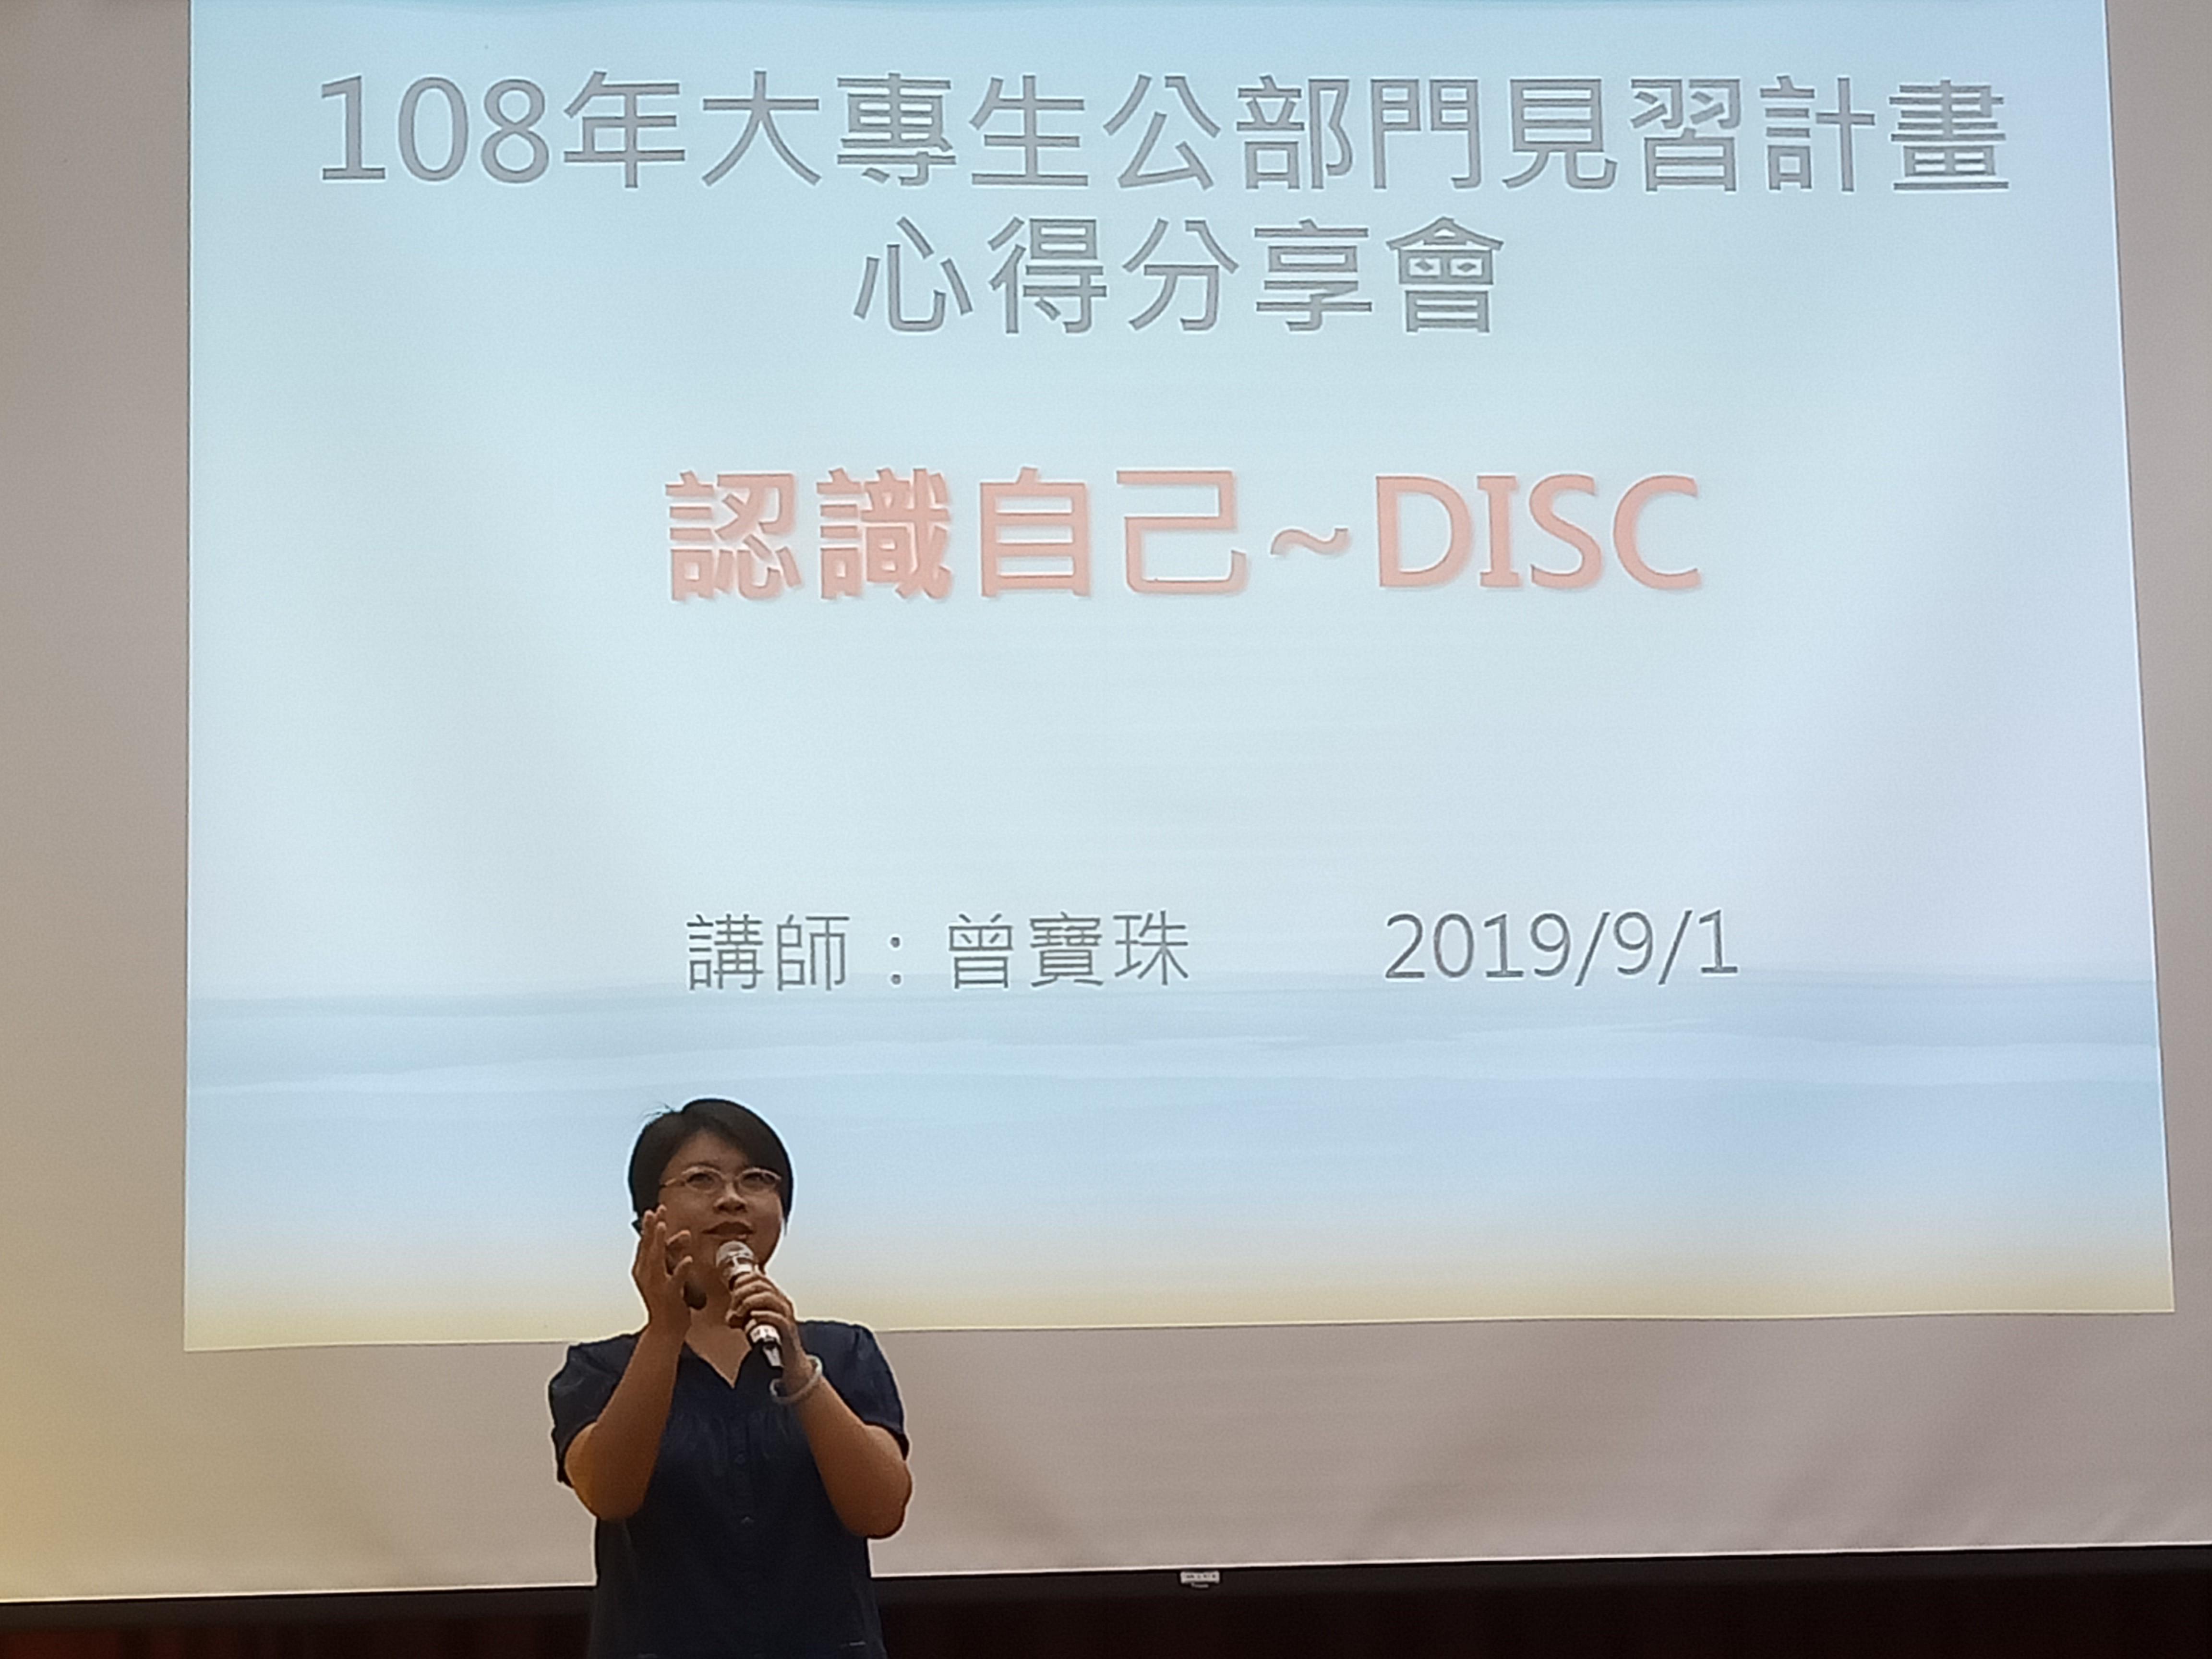 (圖三)資深職涯諮詢講師曾寶珠為同學講解說明DISC性格模式系統